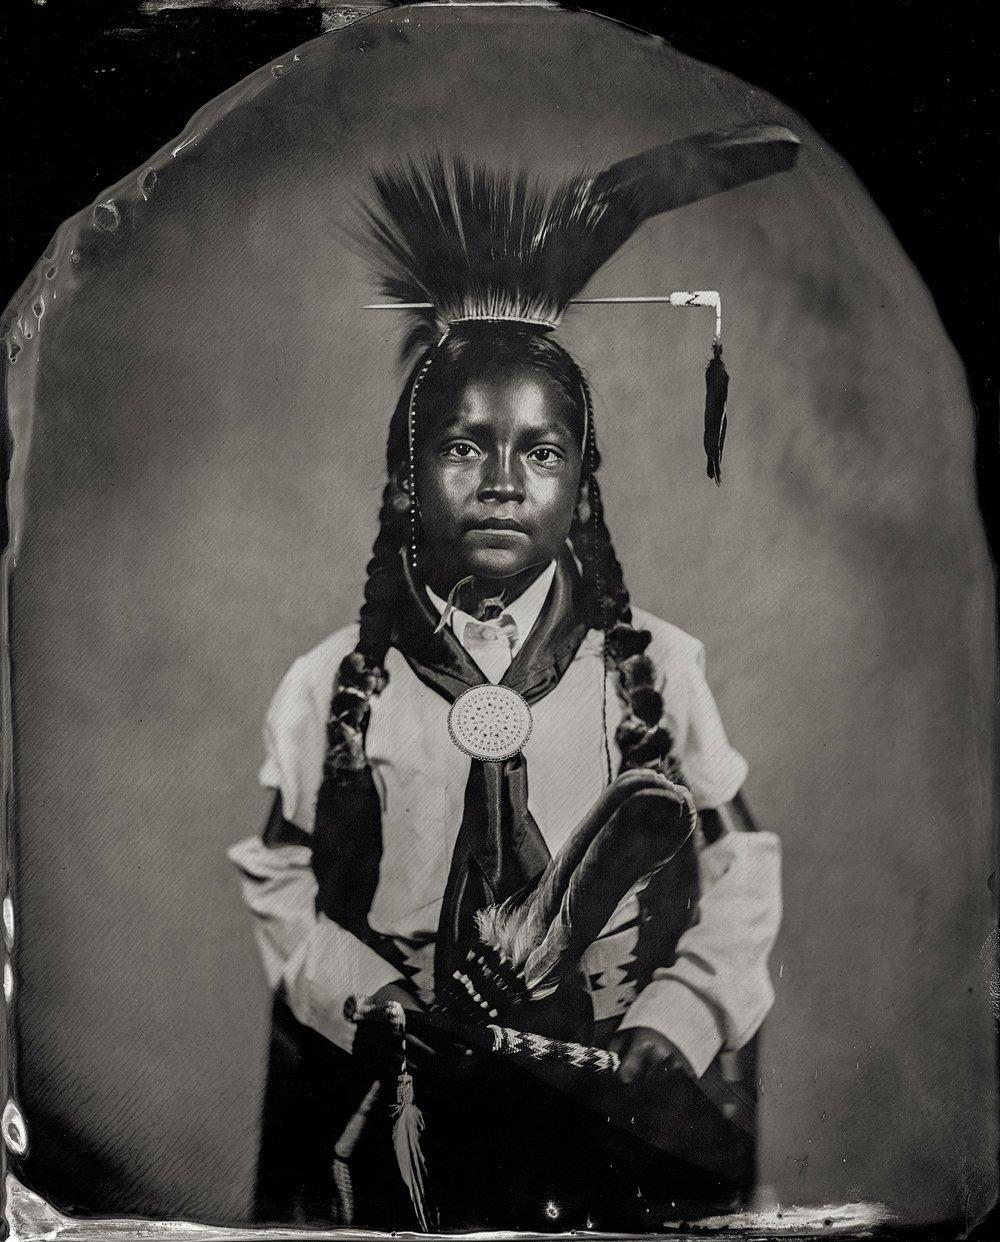 Will Wilson, Modesto Schonchin, citizen of Comanche Nation and affiliated Klamath/Modoc/Paiute, 2016